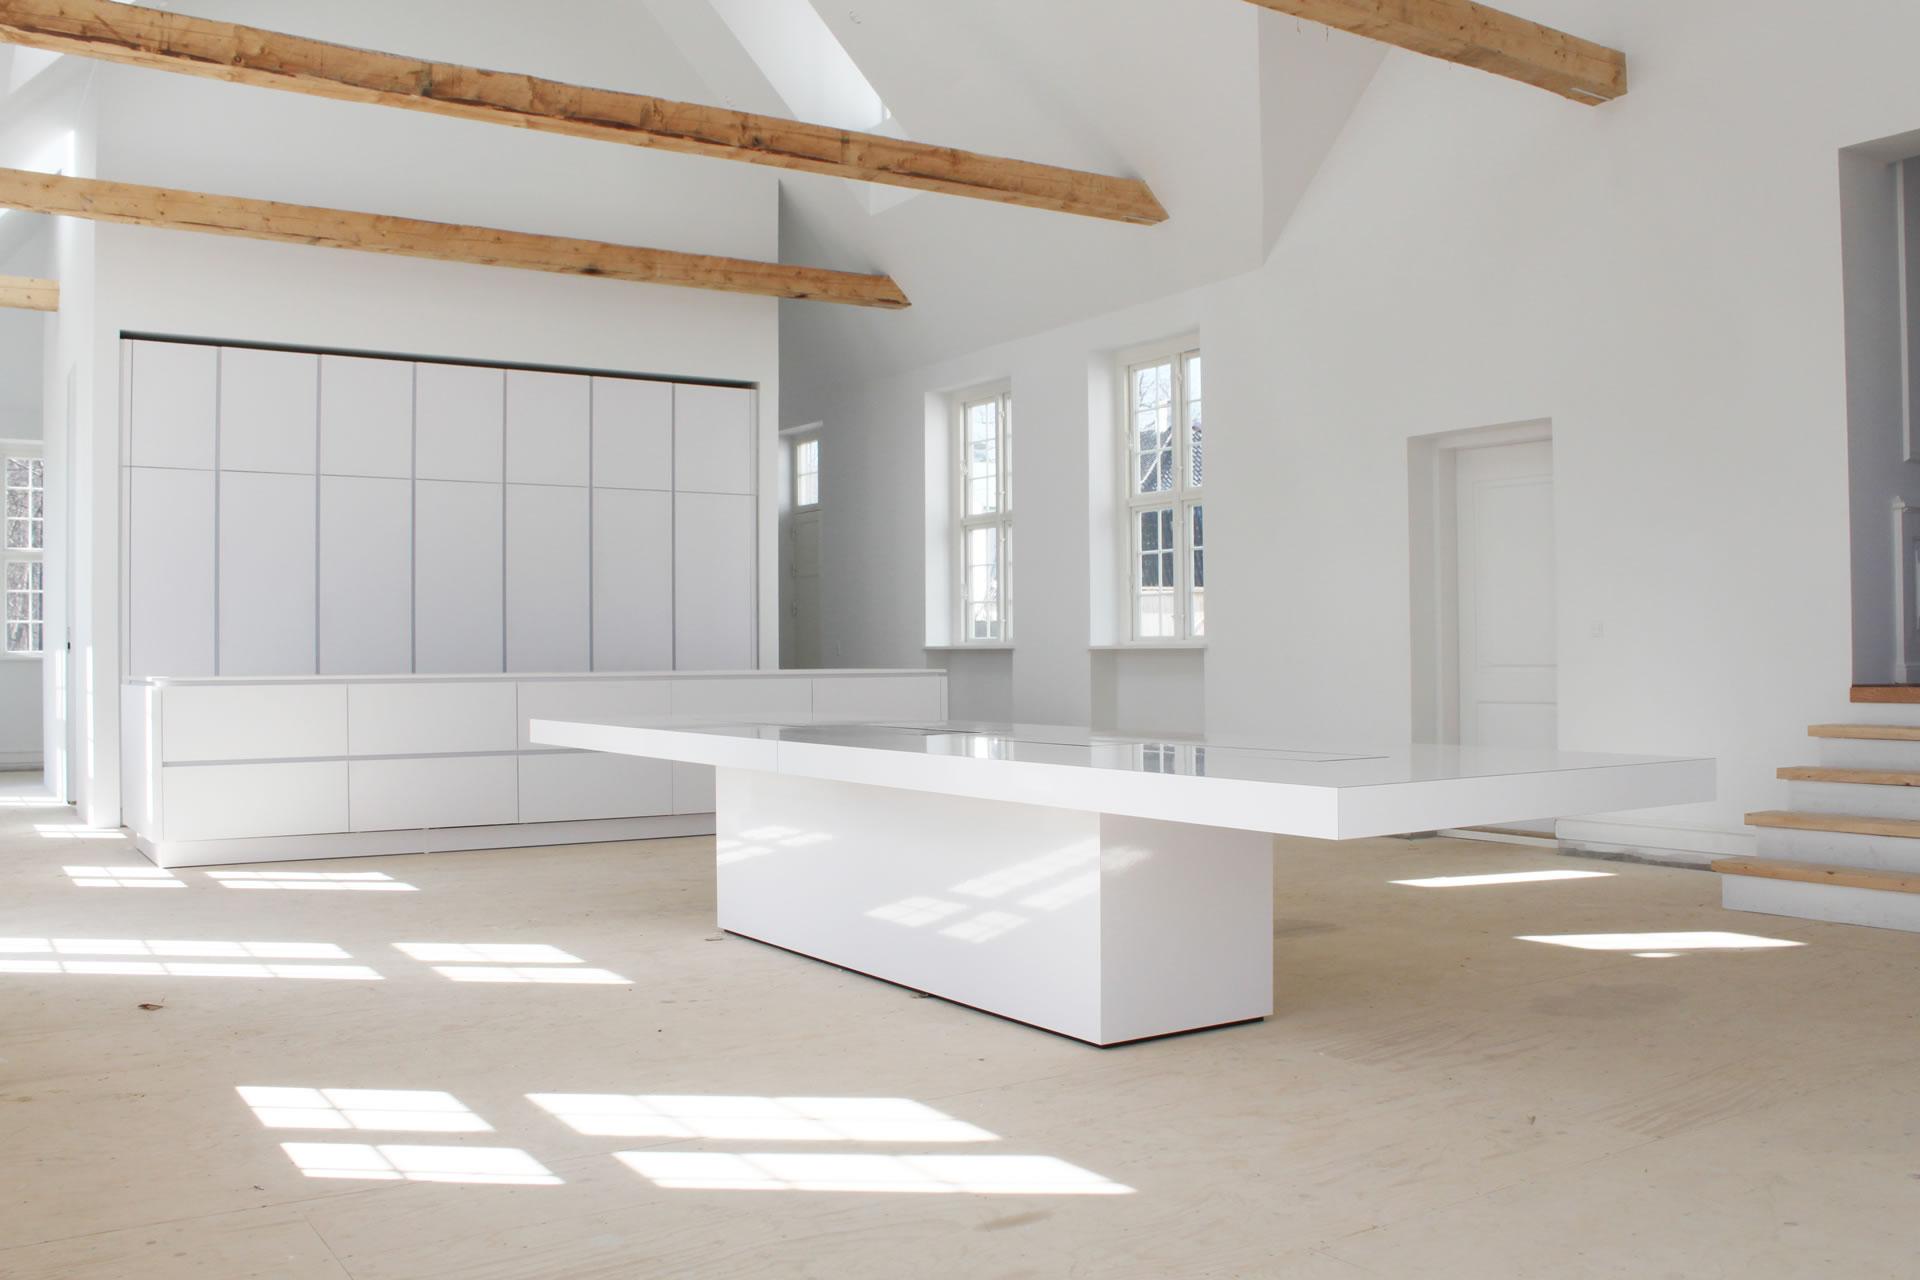 wei e b rom bel hochglanz wei e b rom bel von rechteck. Black Bedroom Furniture Sets. Home Design Ideas